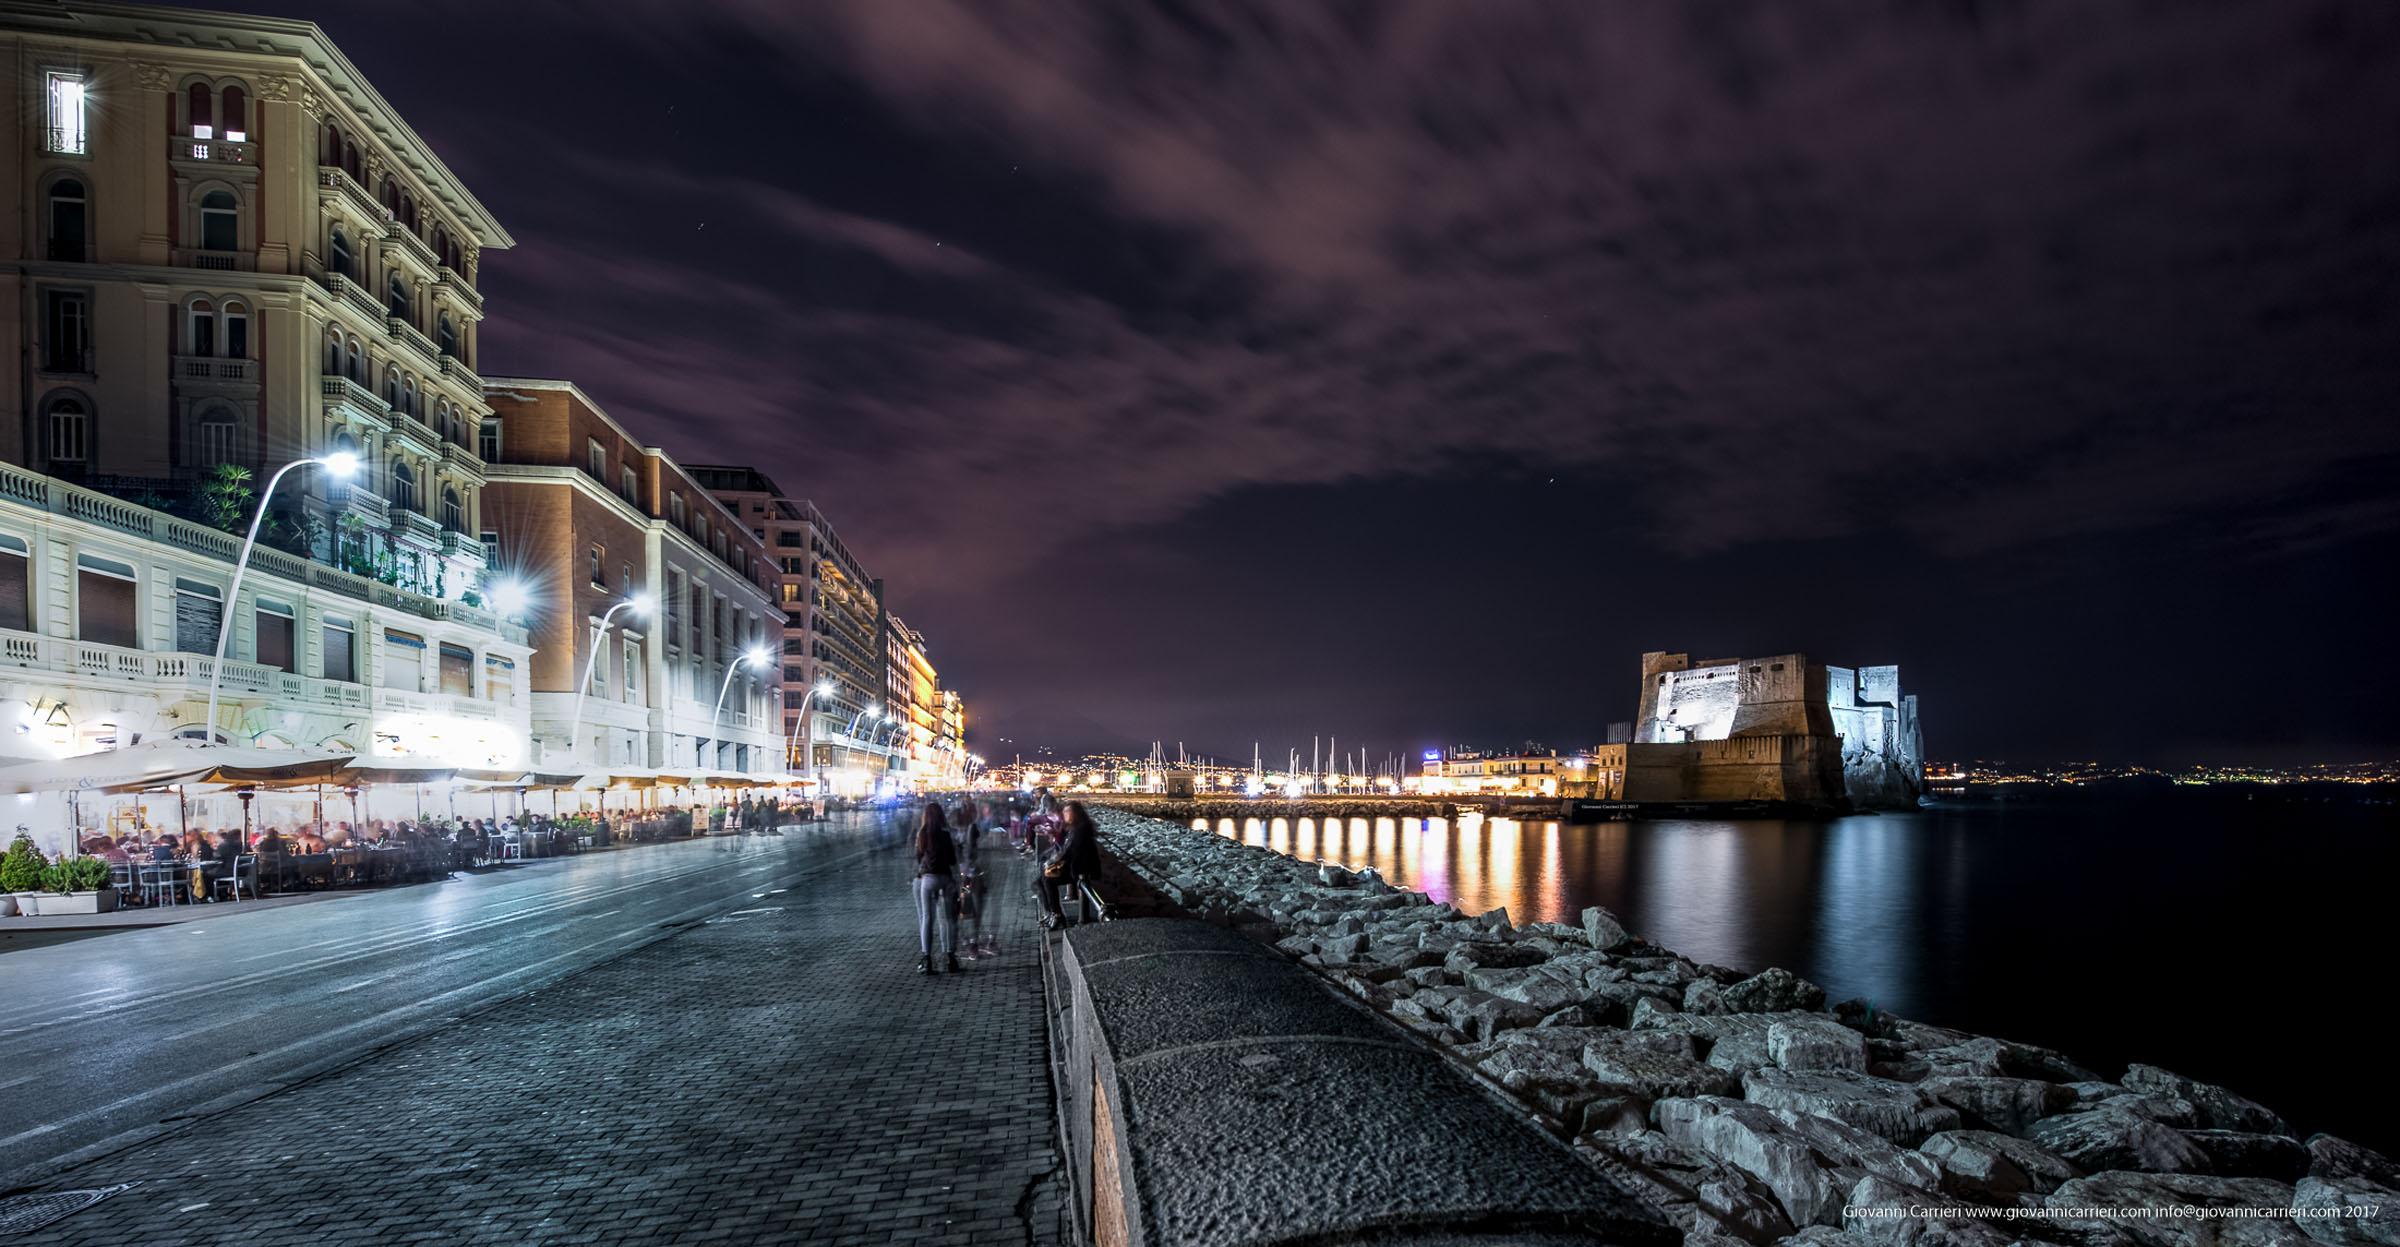 Via Nazario Sauro di notte, Napoli